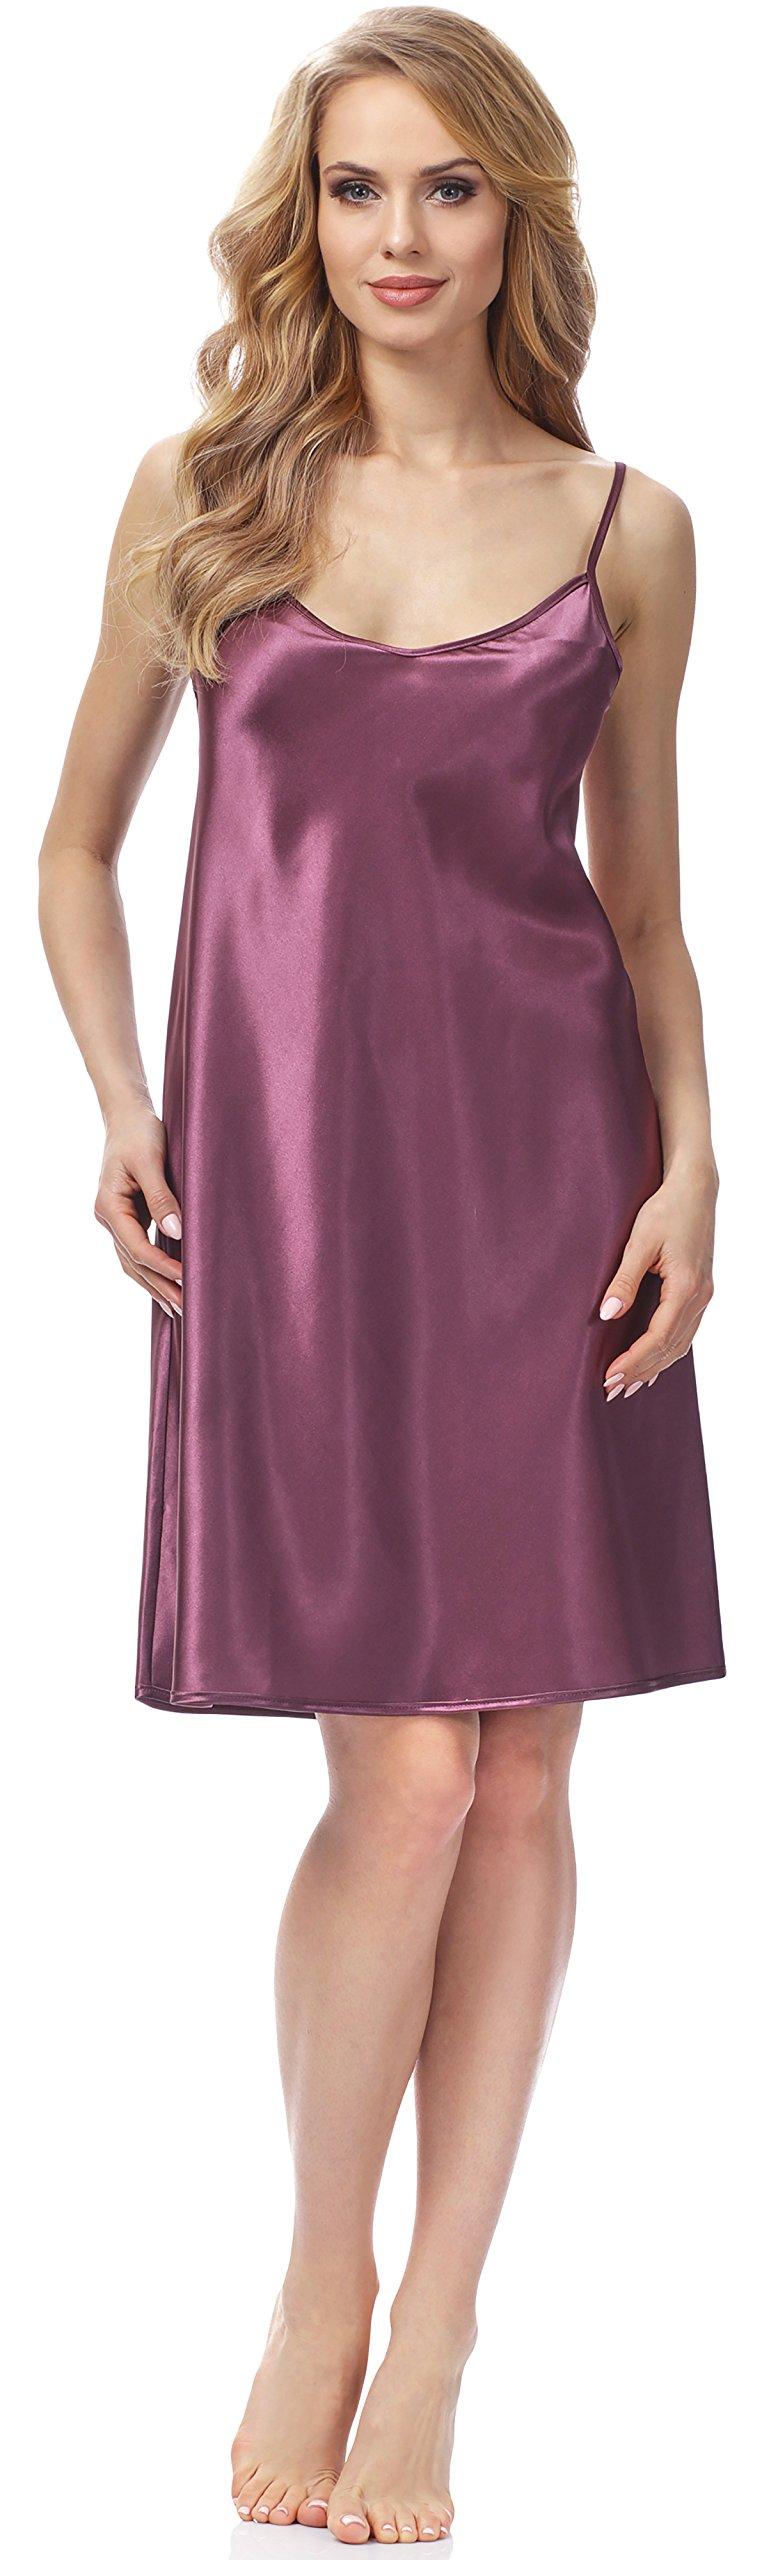 Merry Style Camisón Pijamas Lenceria Sexy Vestidos de Cama Mujer MSFX933 product image